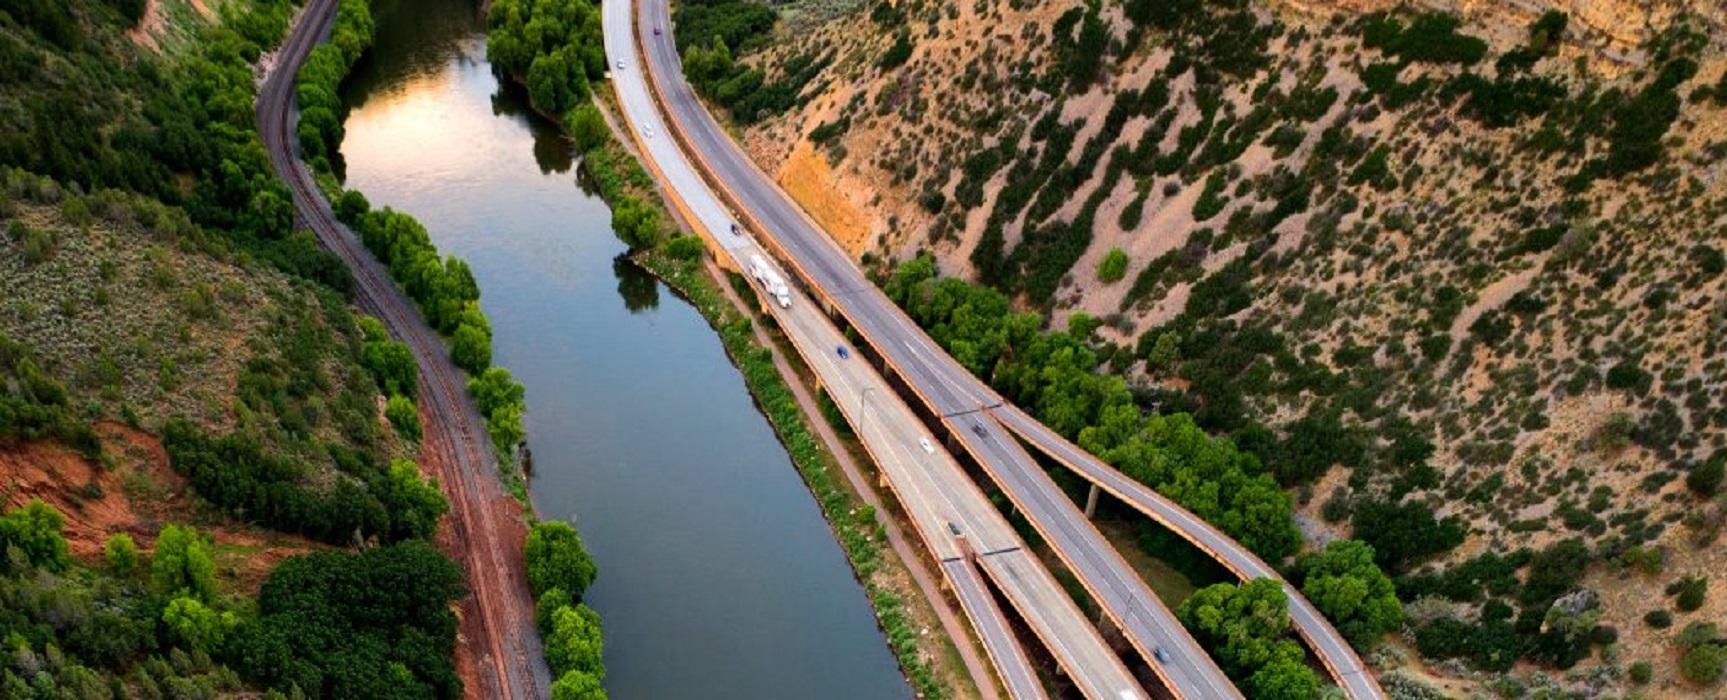 Stati Uniti: le fonti di acqua dolce rischiano di subire un incremento di salinità fino al 50% thumbnail